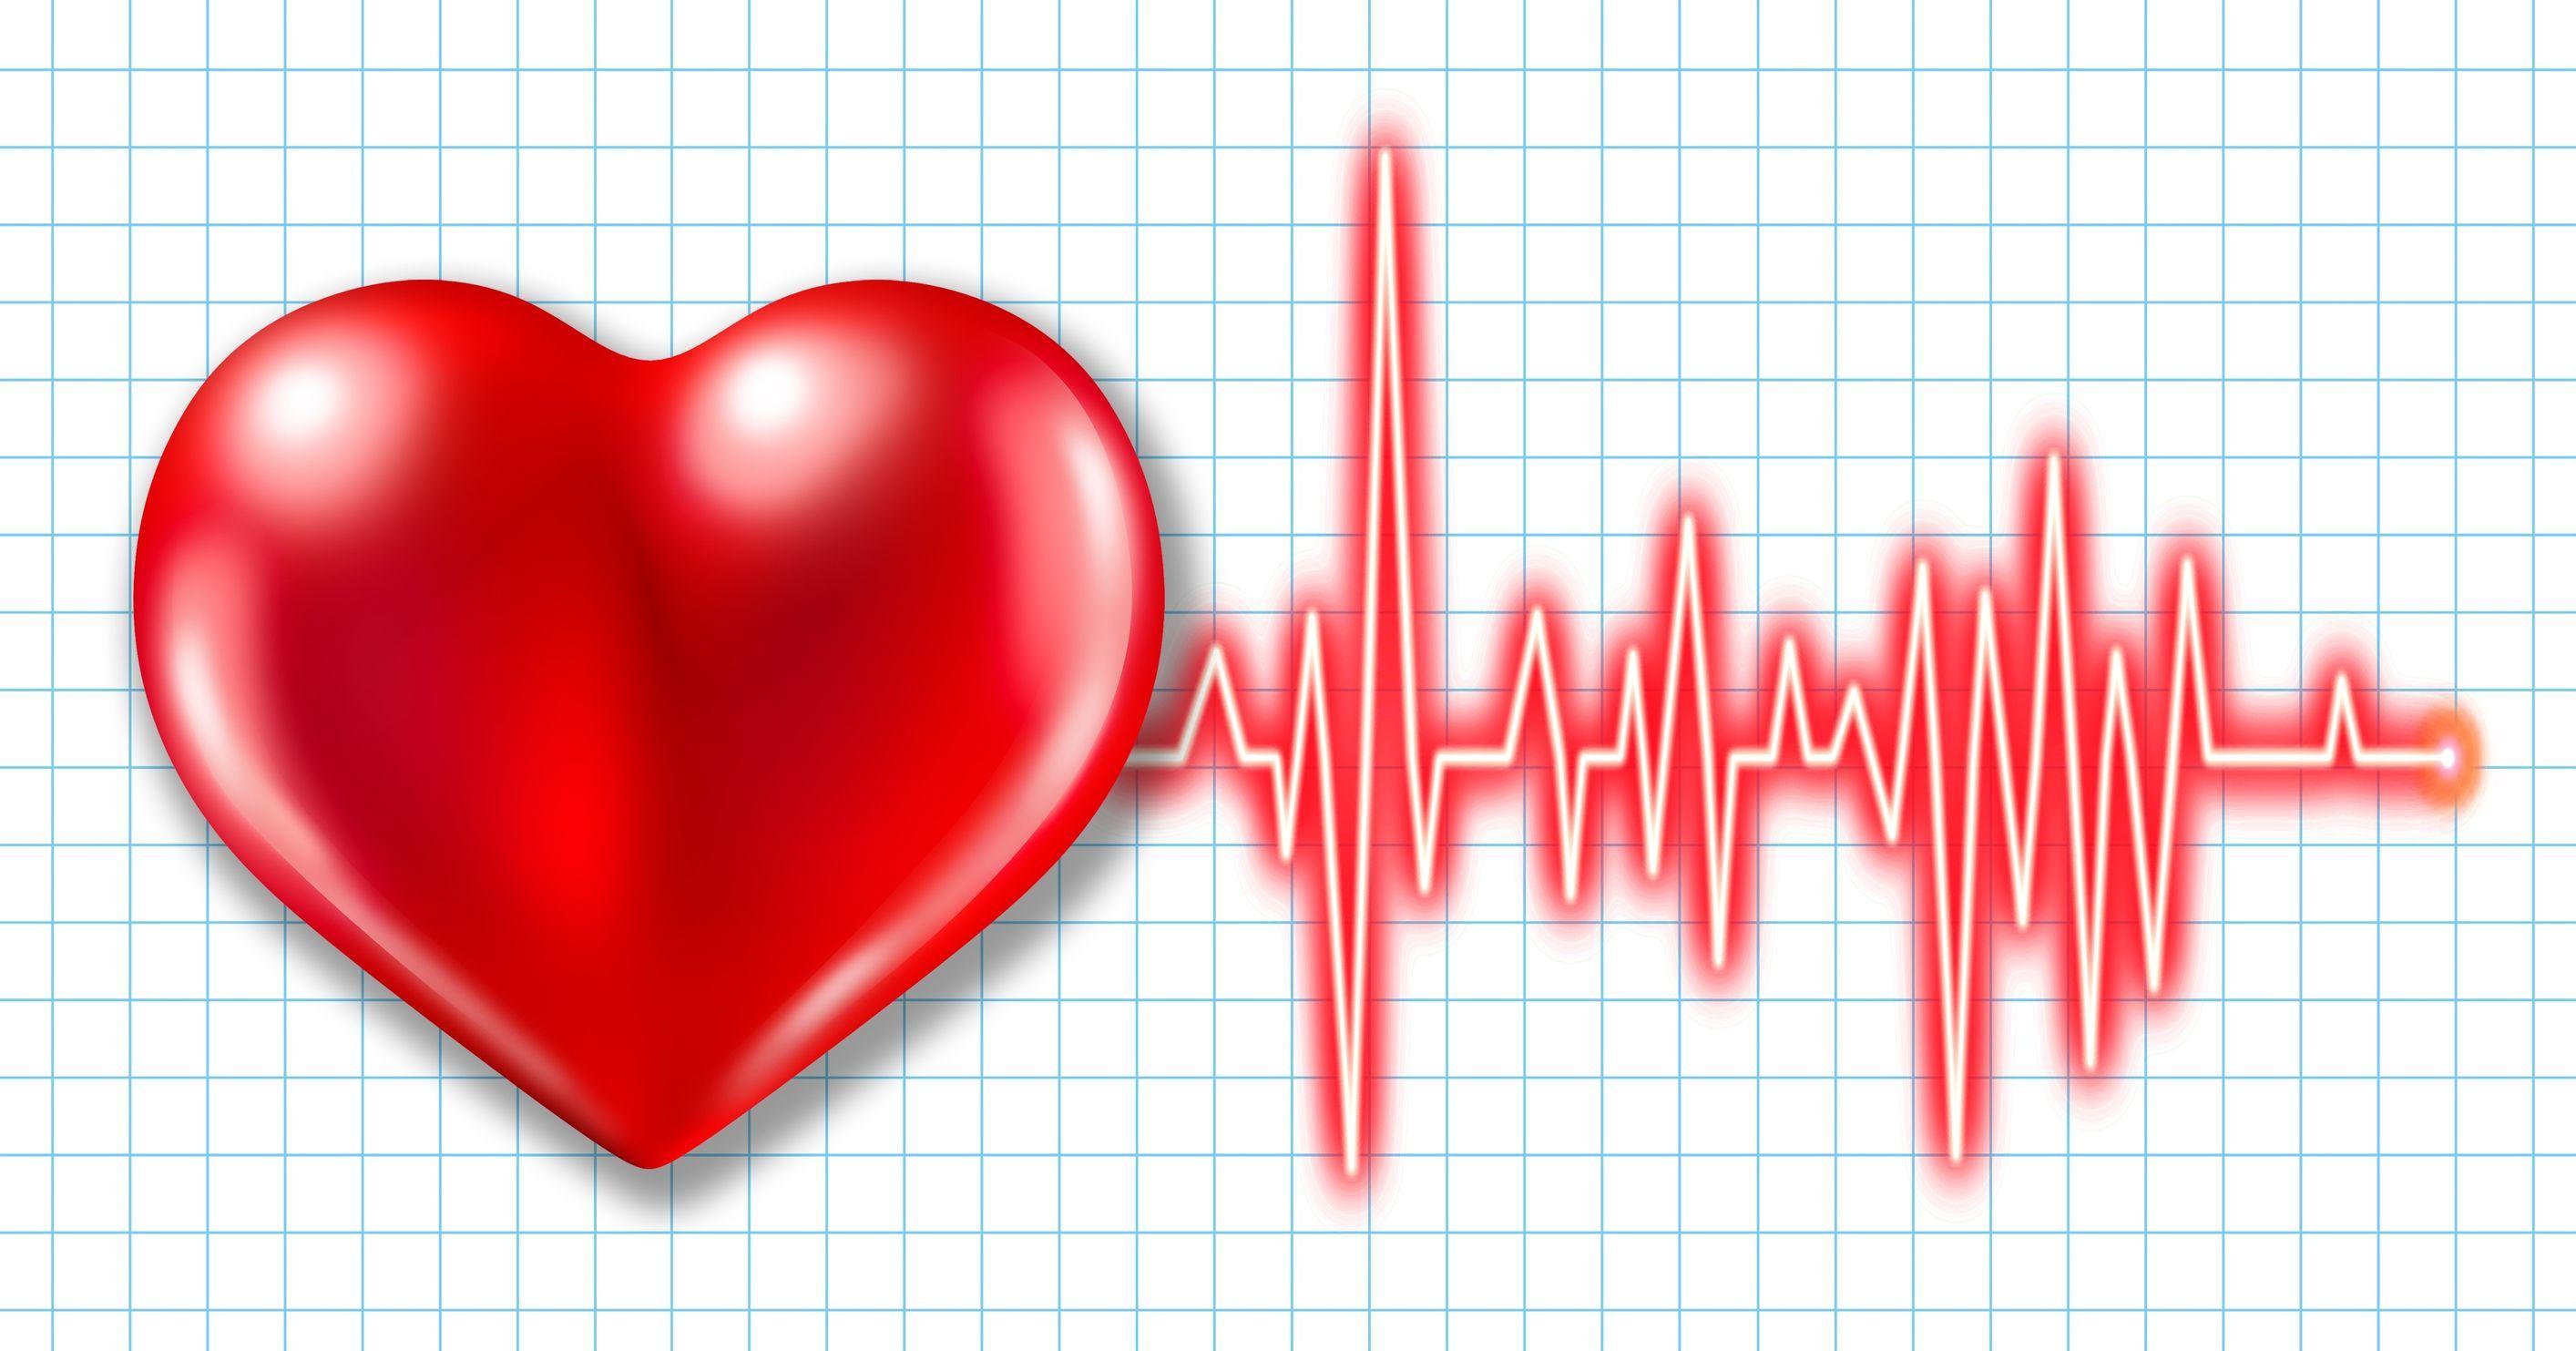 Η στεφανιαία νόσος είναι ύπου&lam... Penyakit jantung